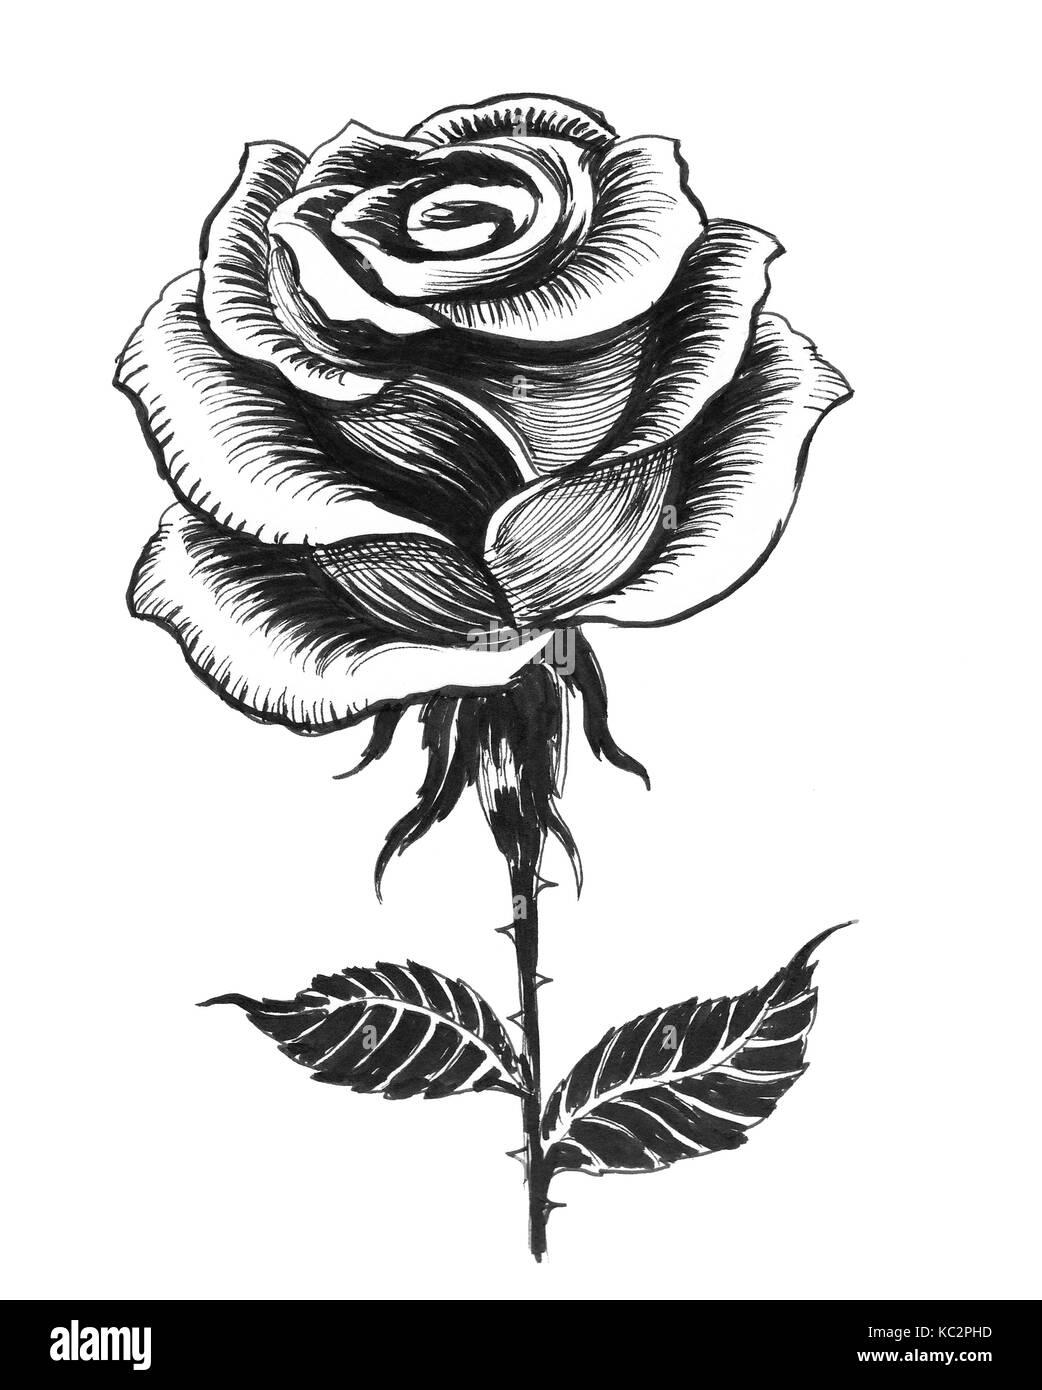 Dessin Noir Et Blanc D Encre D Une Seule Rose Blanche Banque D